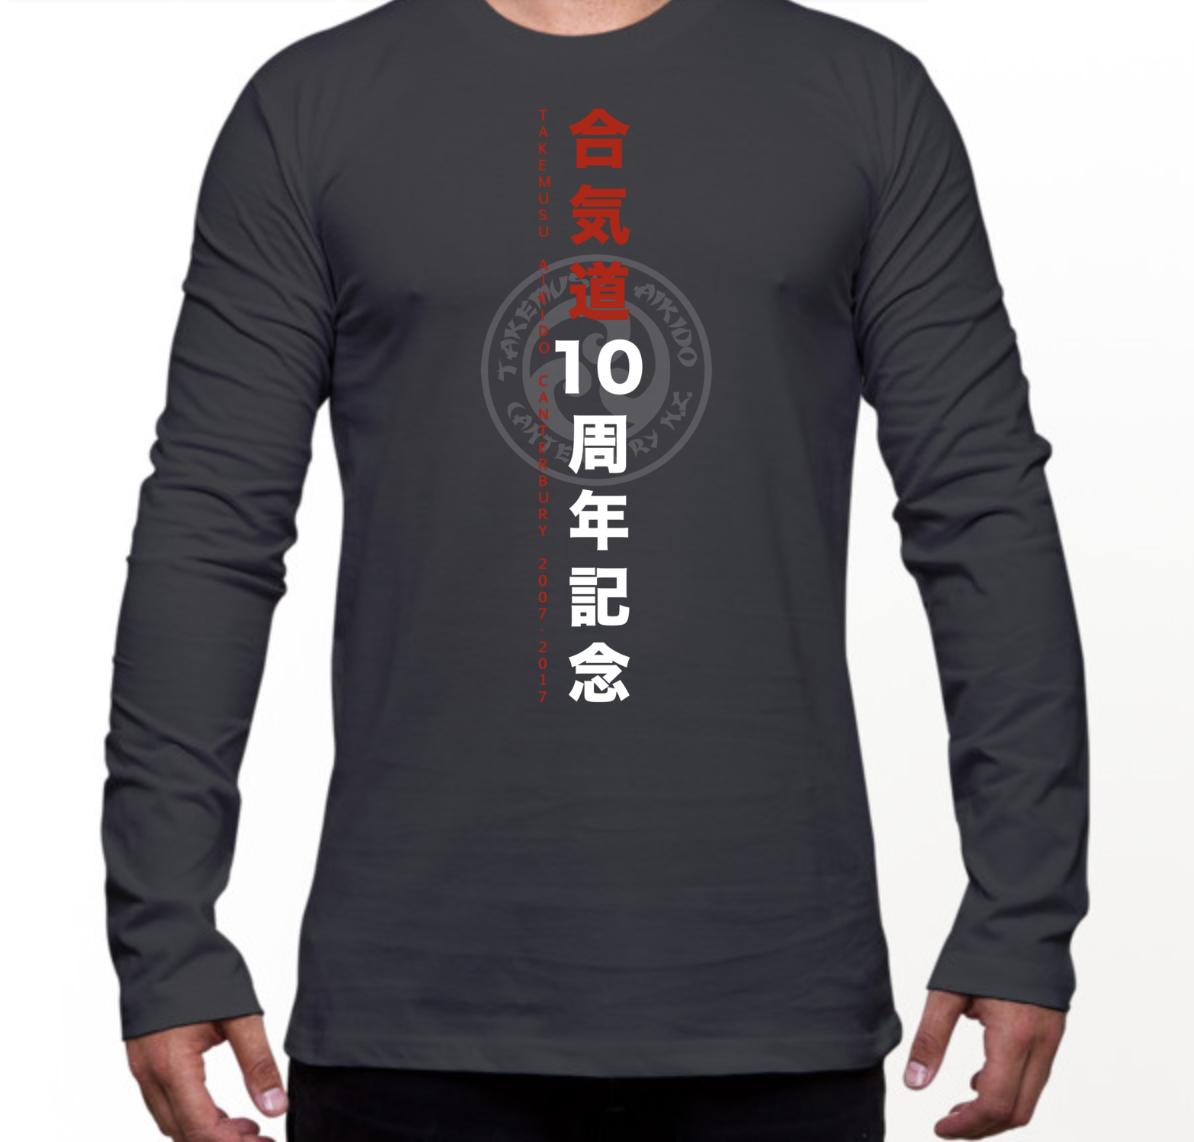 Charcoal LS T-Shirt